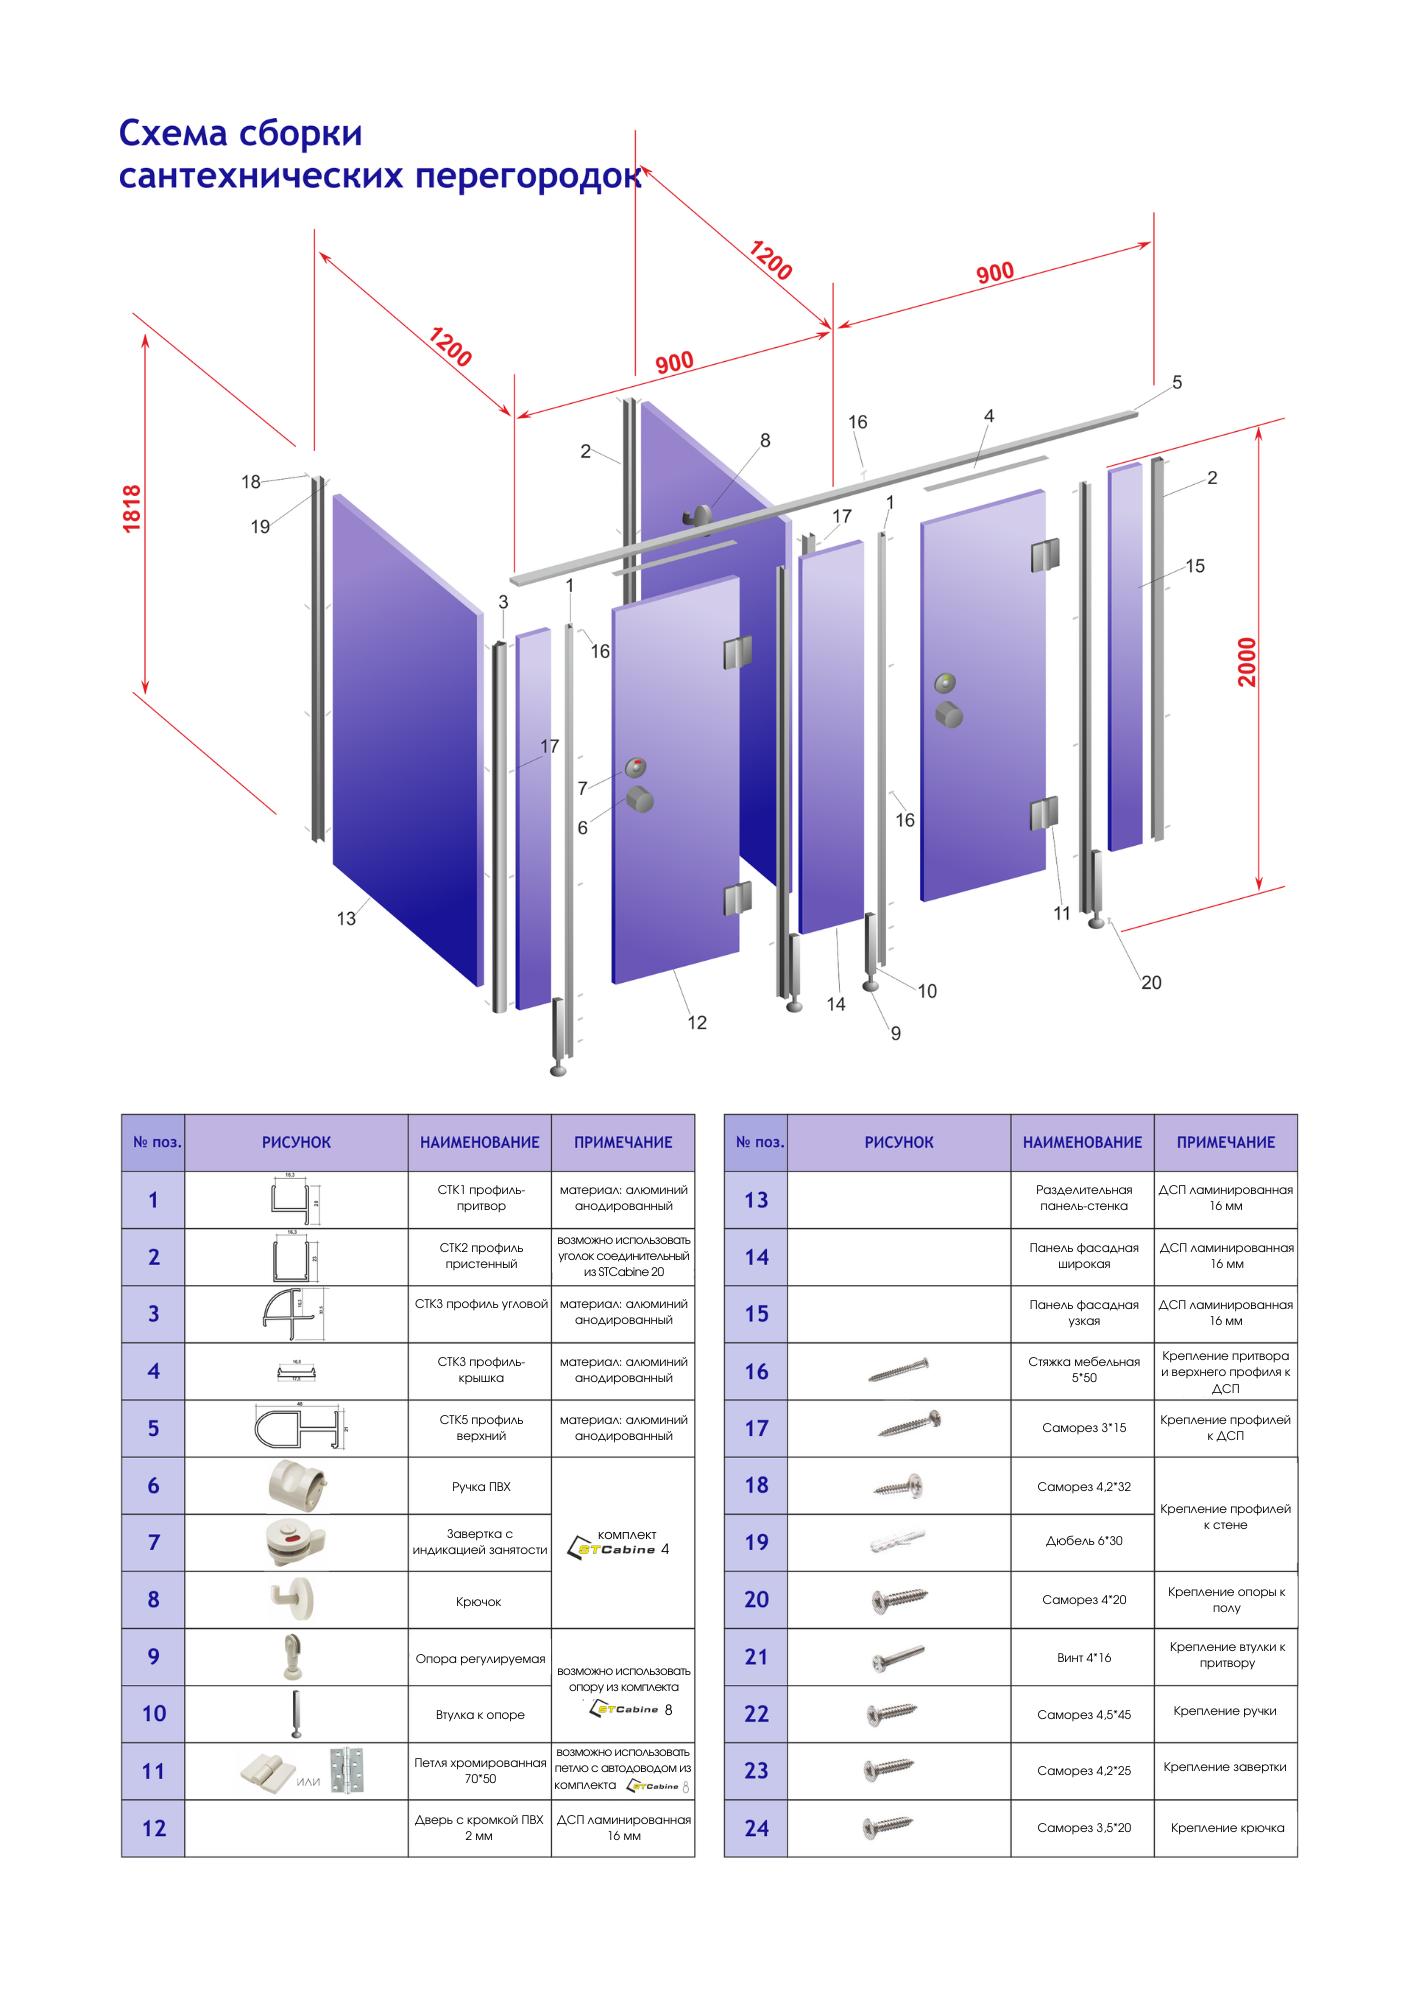 Схема установки сантехнической перегородки из лдсп Евростиль